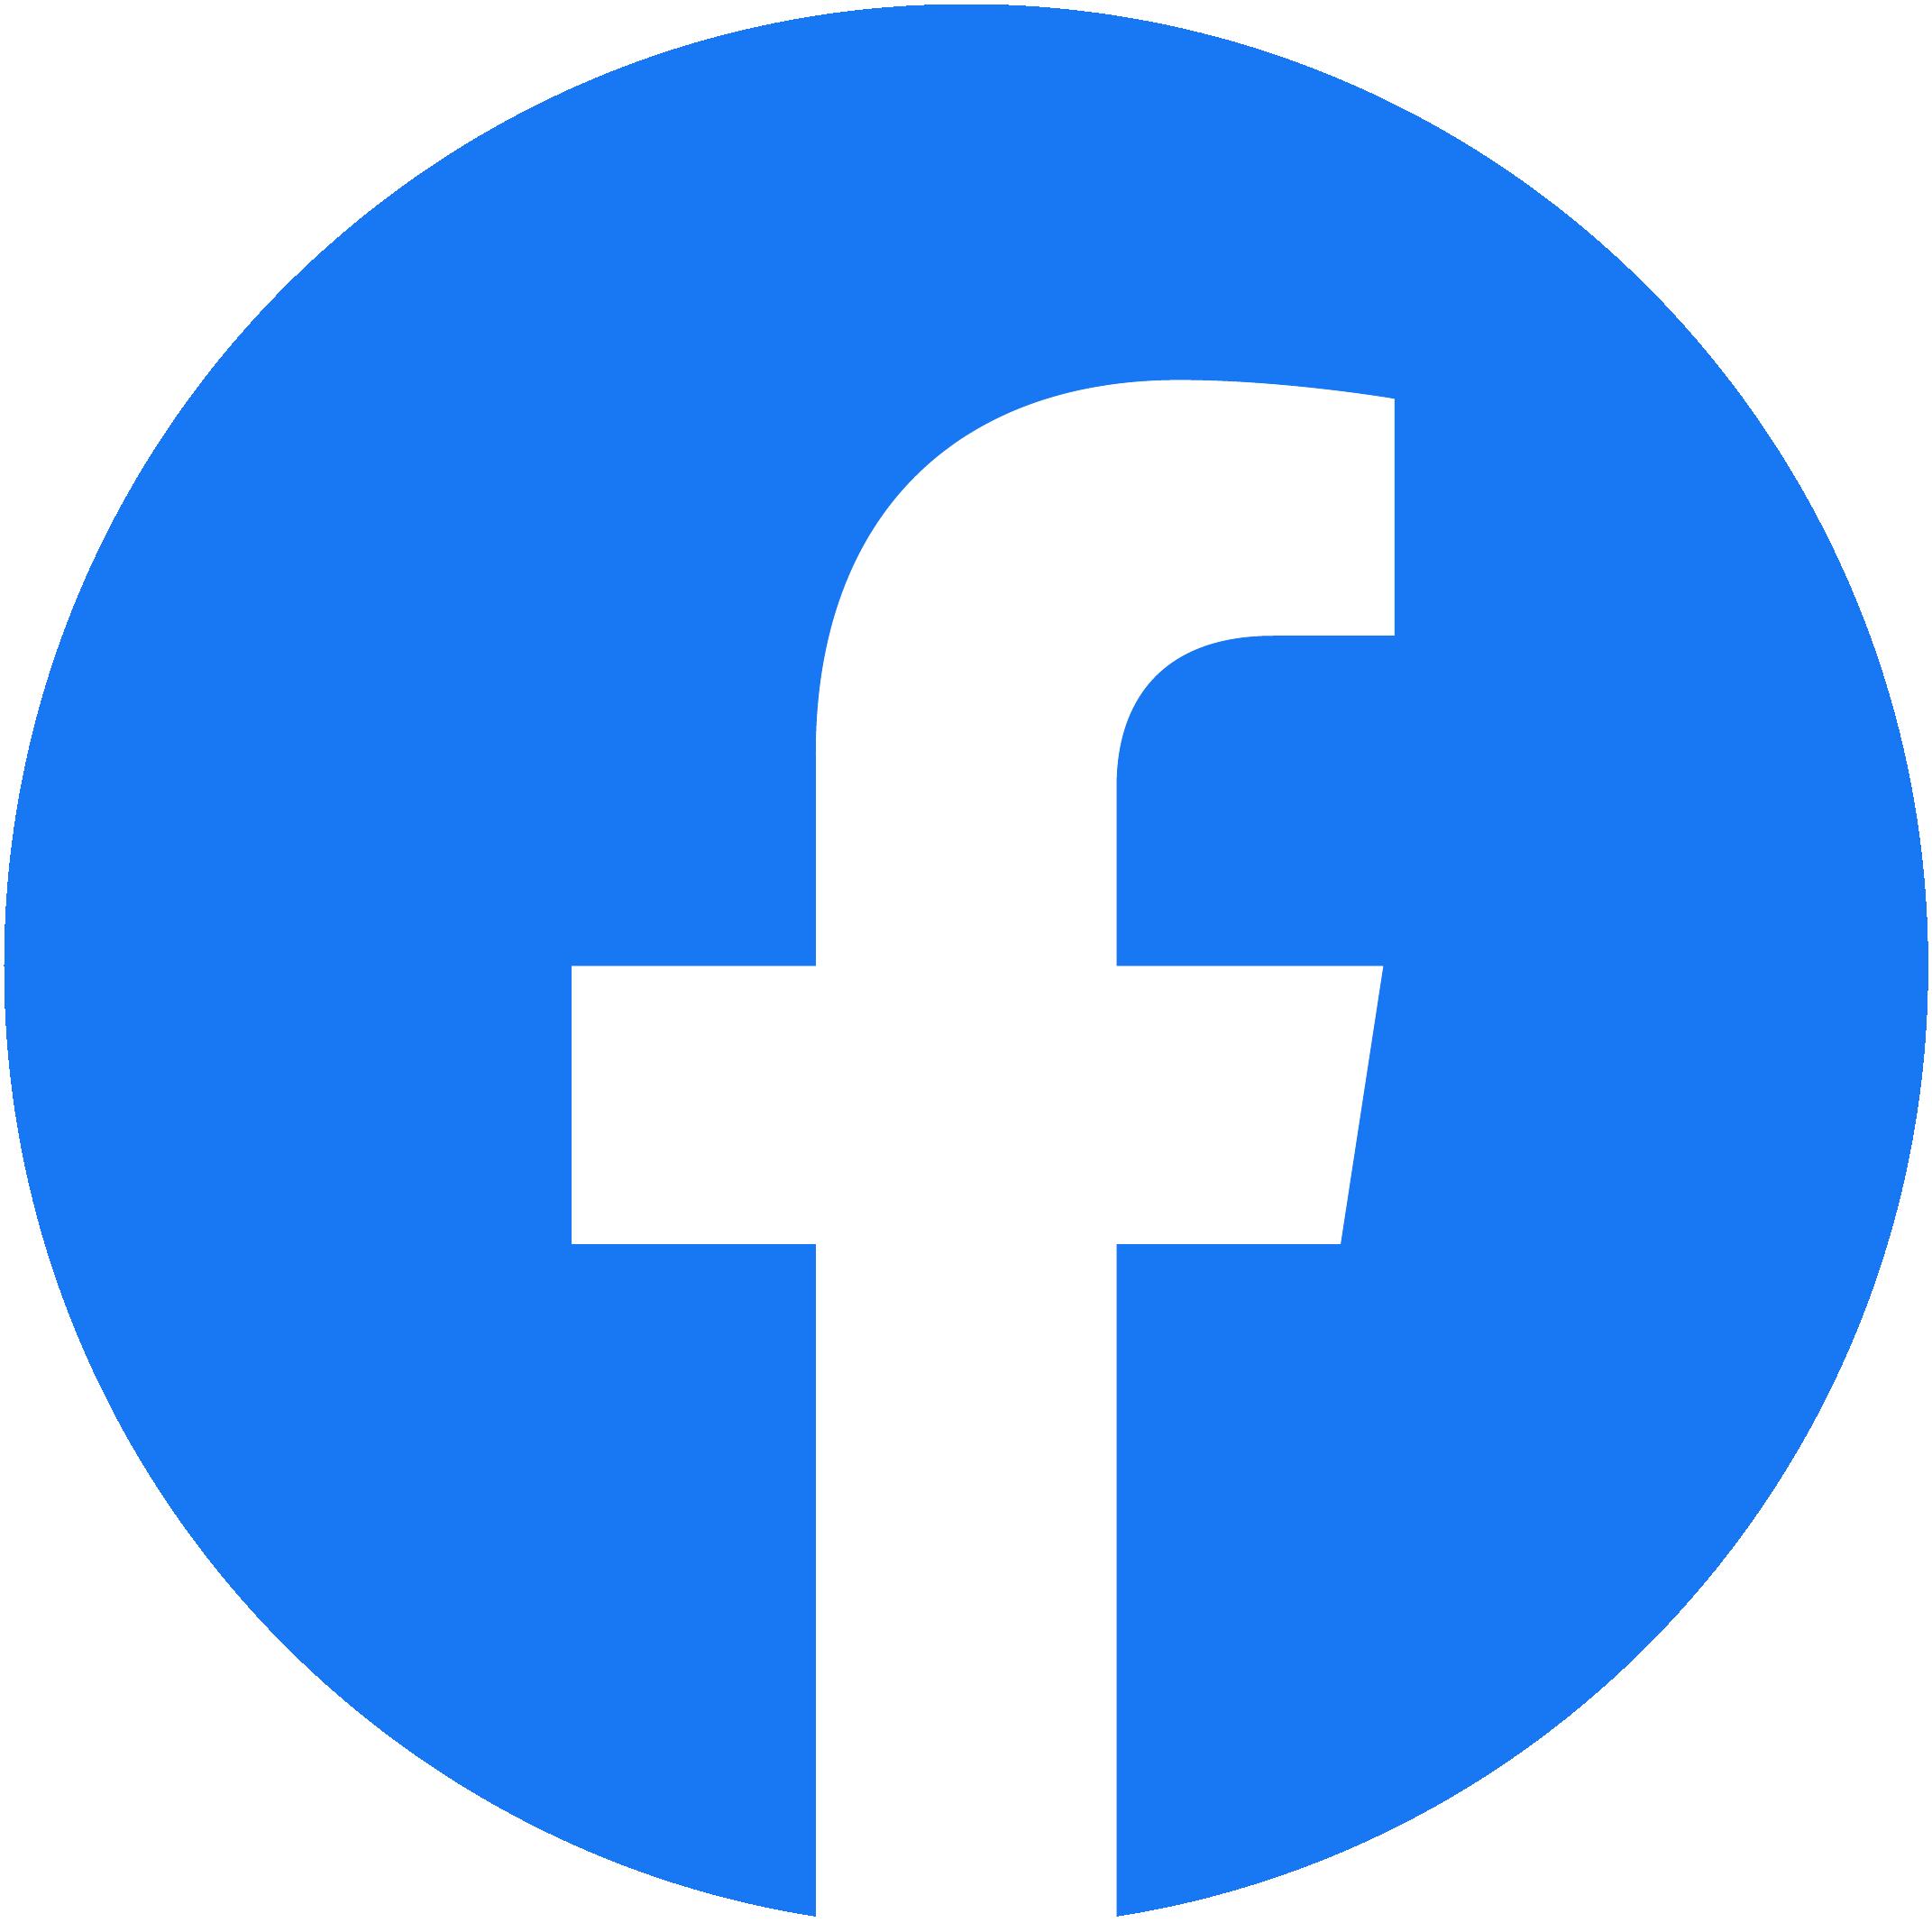 Décoration sur Facebook